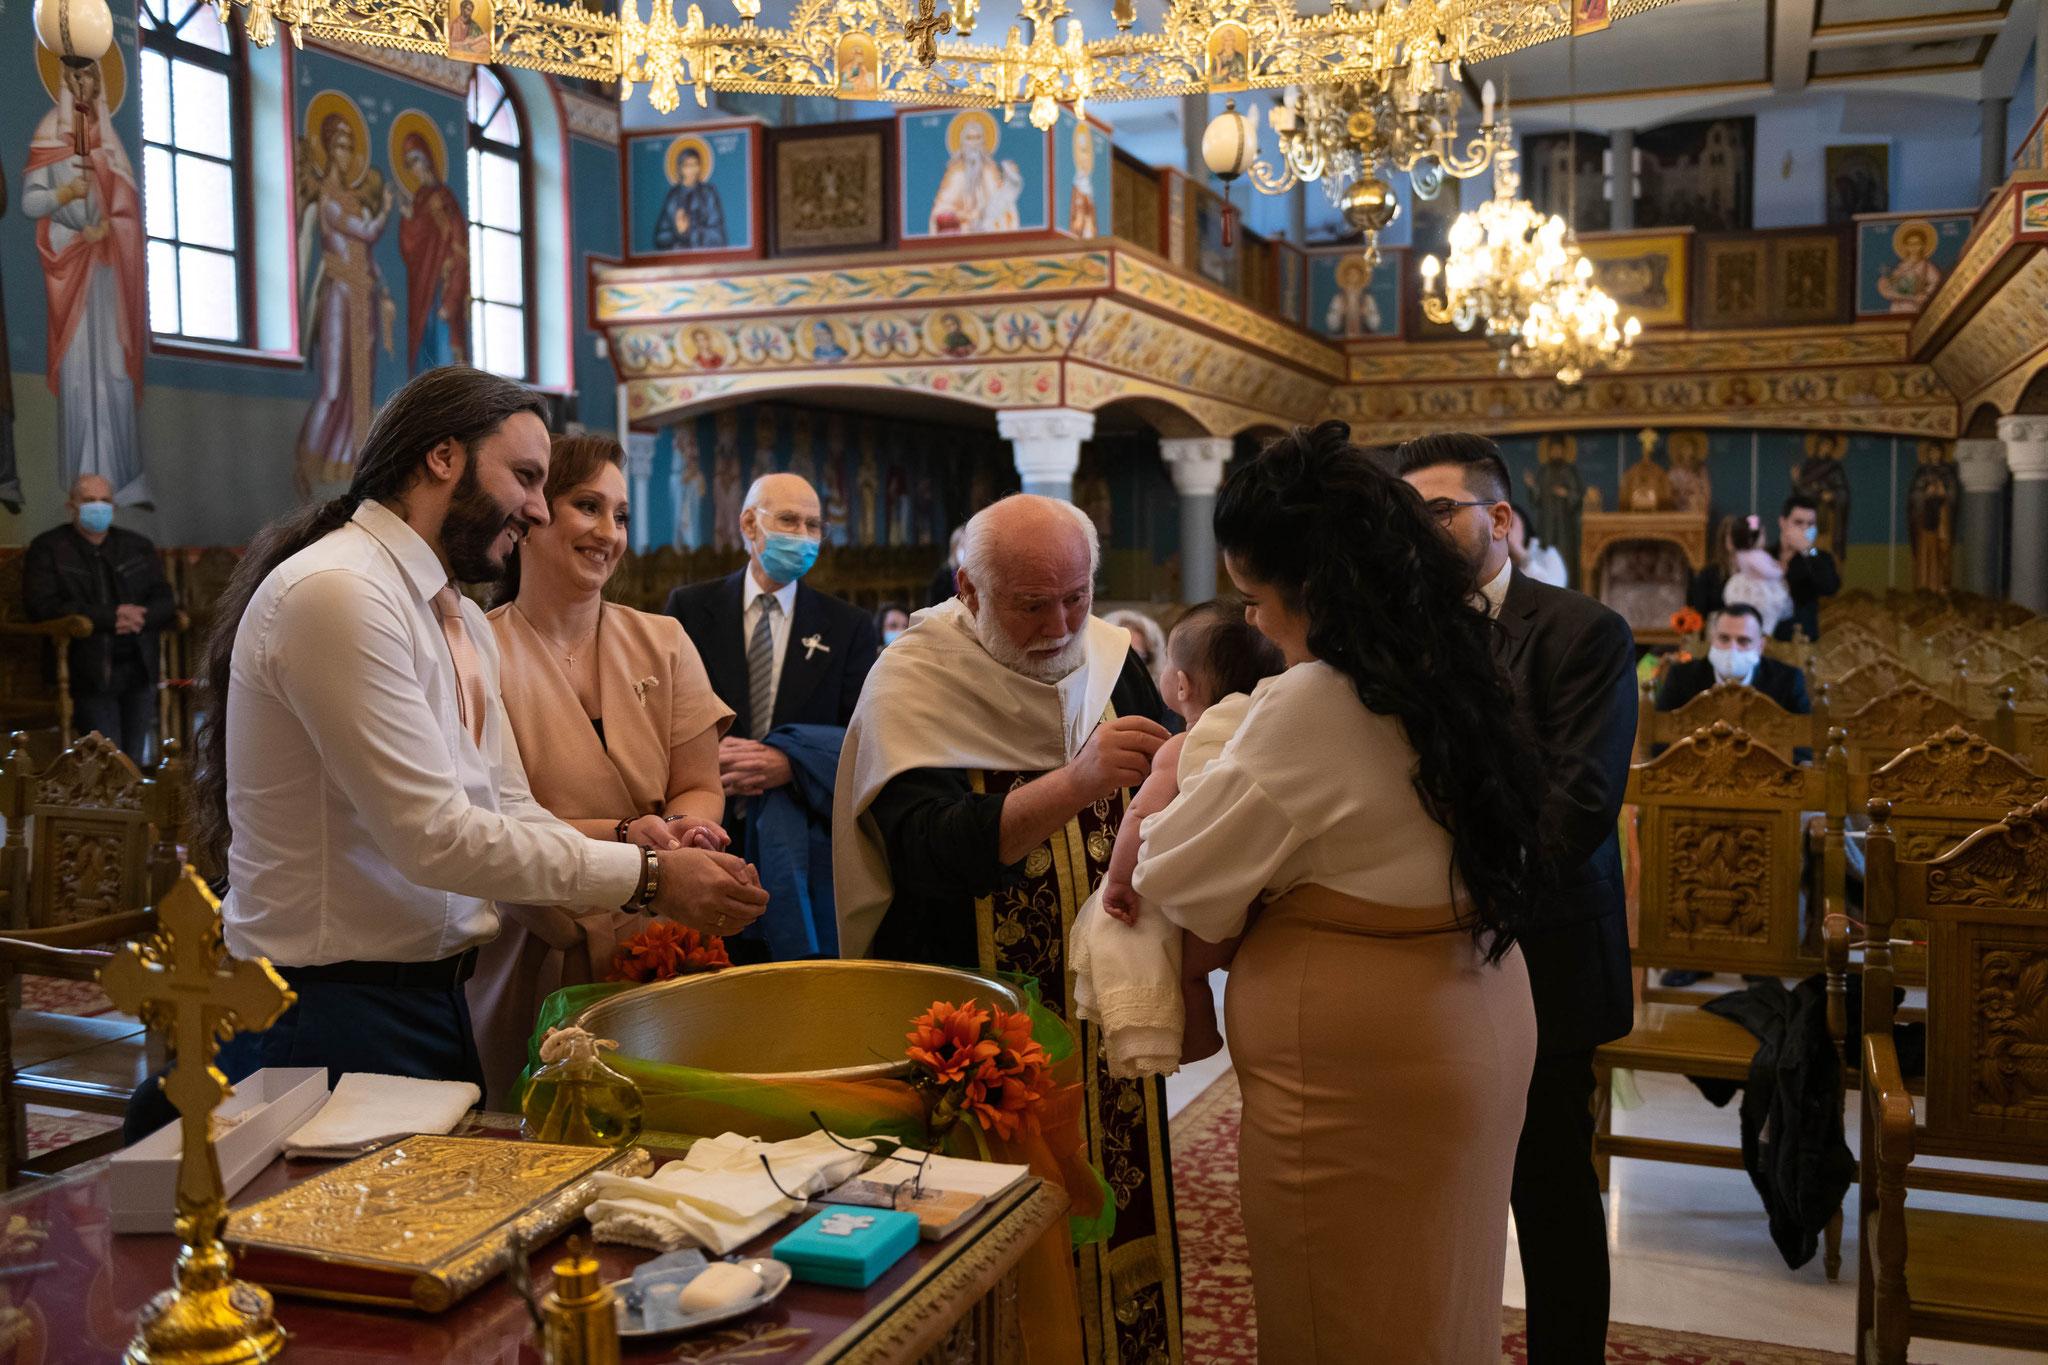 Professioneller Fotograf und Videograf für griechische orthodoxe Taufe in Wiesbaden